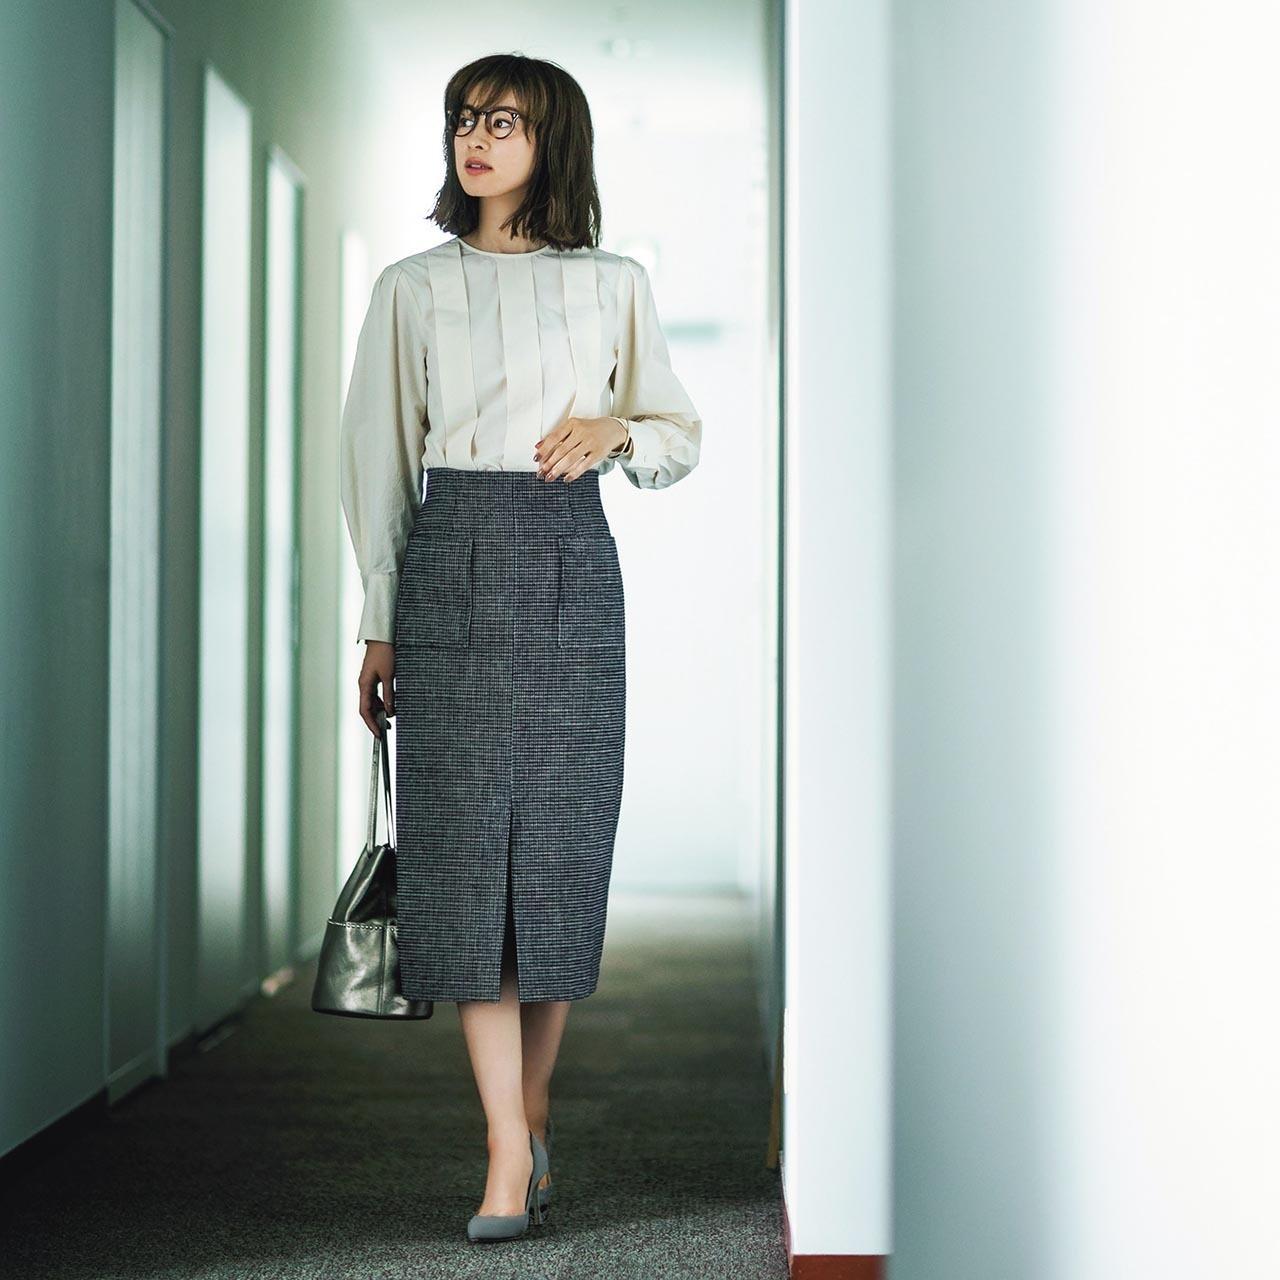 デザイン・ブラウス×ドビー・チェック柄スカートコーデを着用した高垣麗子